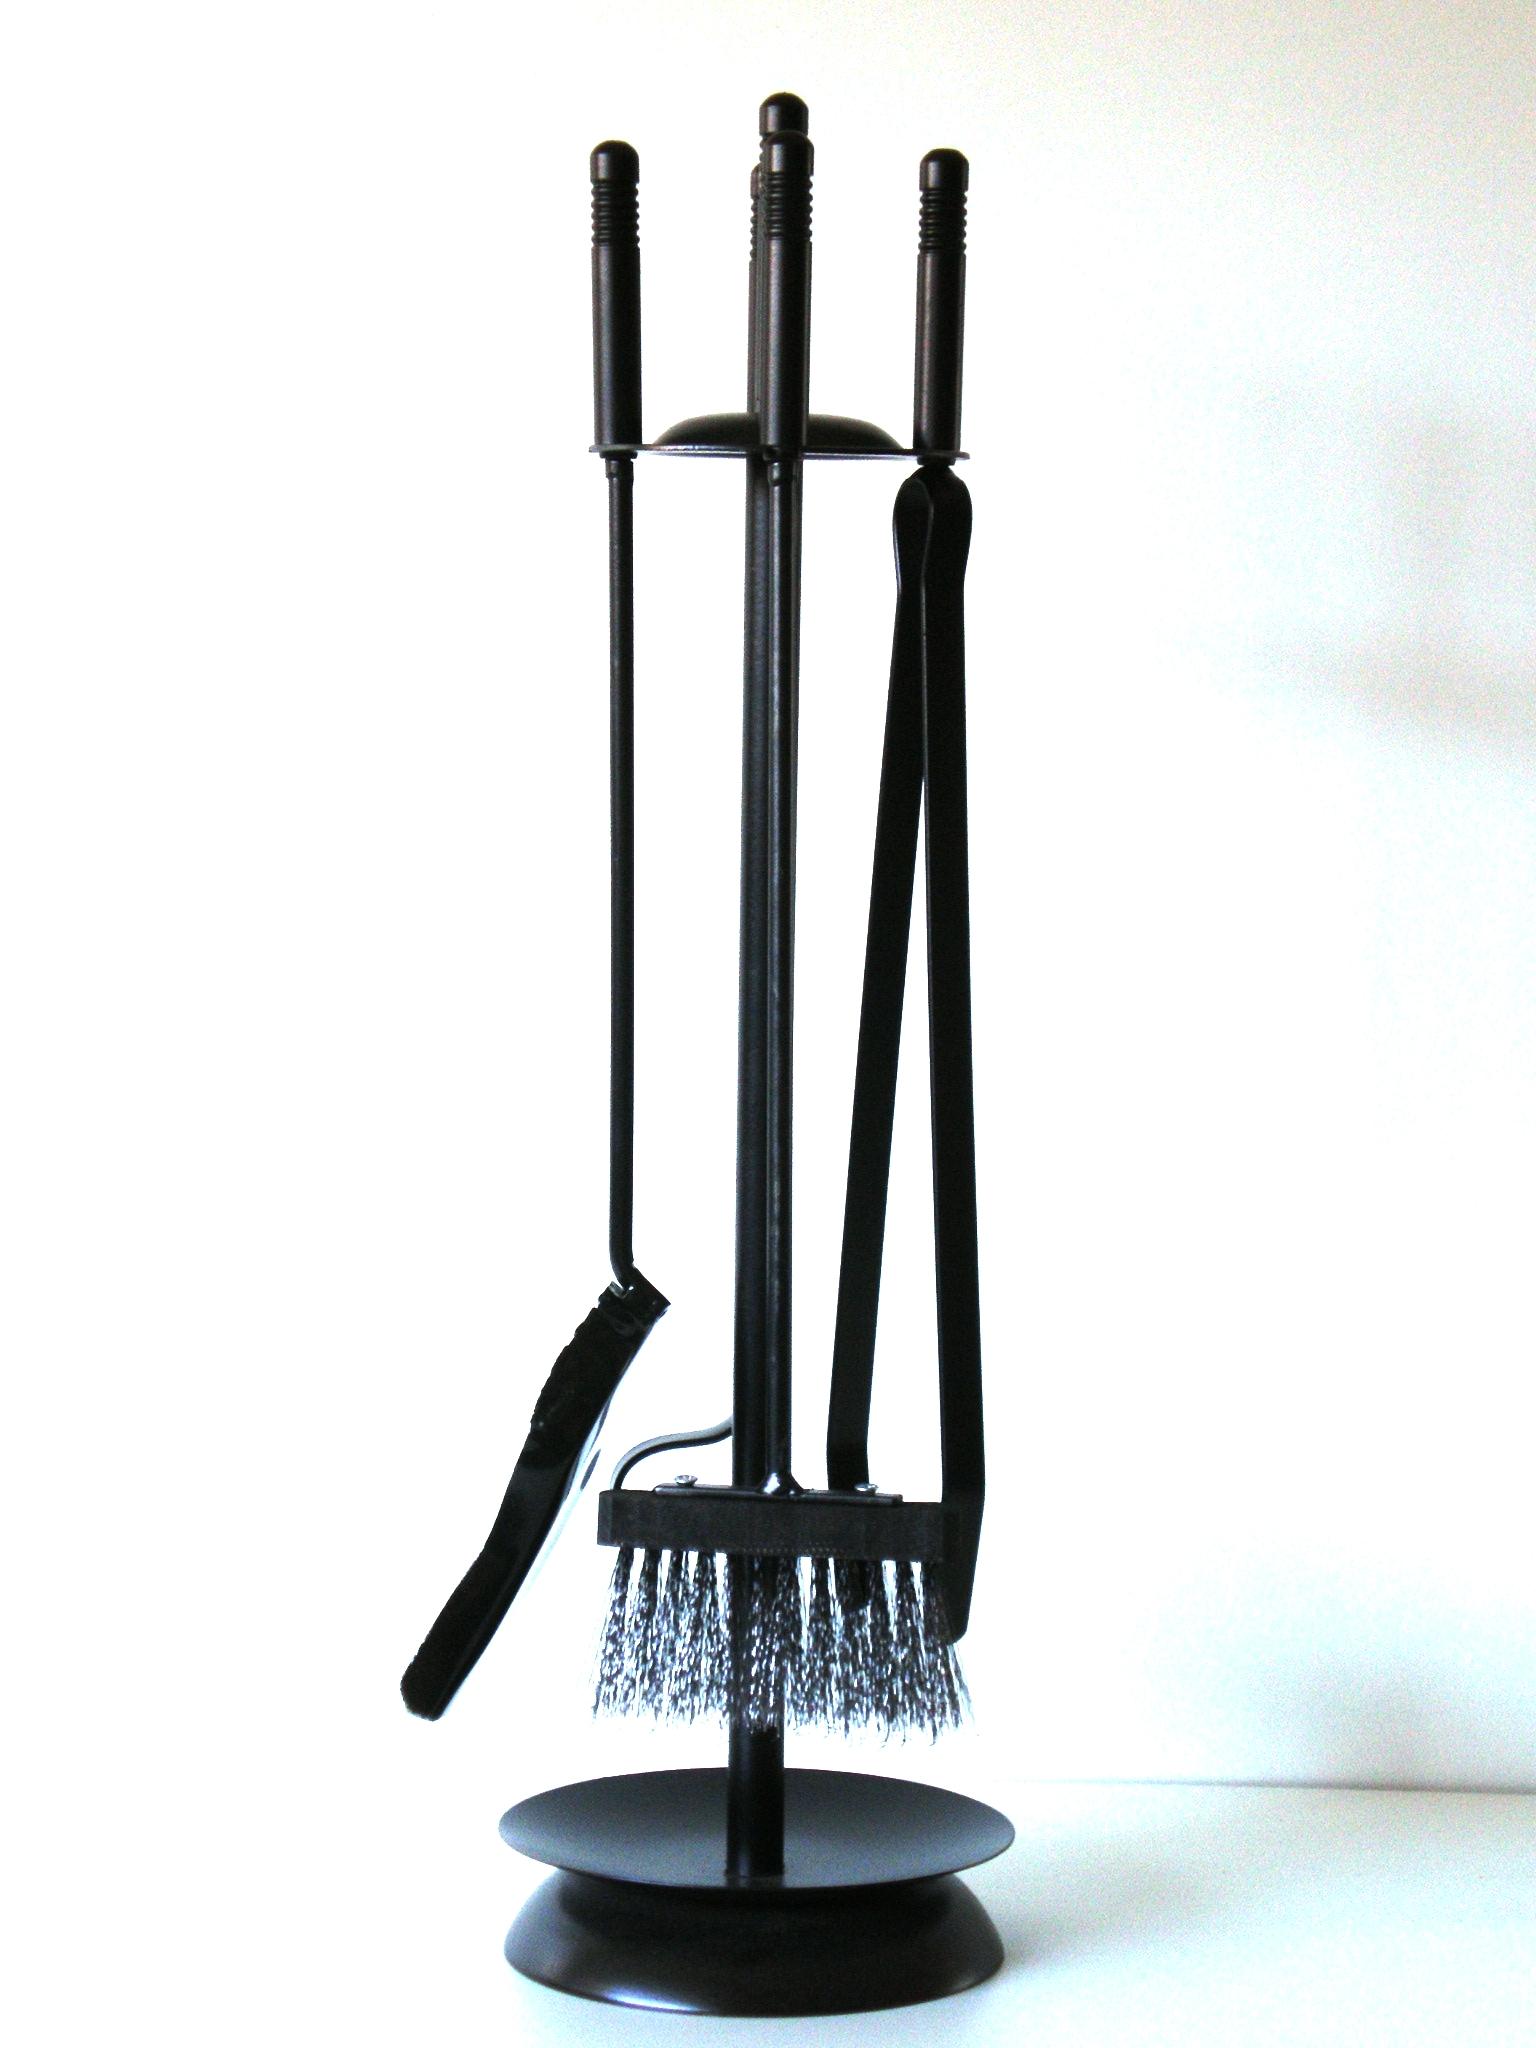 """Κρεμανταλάς Σιδερένιος """"Μαύρος Βίδα"""" - Β - 3-112 ΜΑΥΡΟ ΒΙΔΑ"""